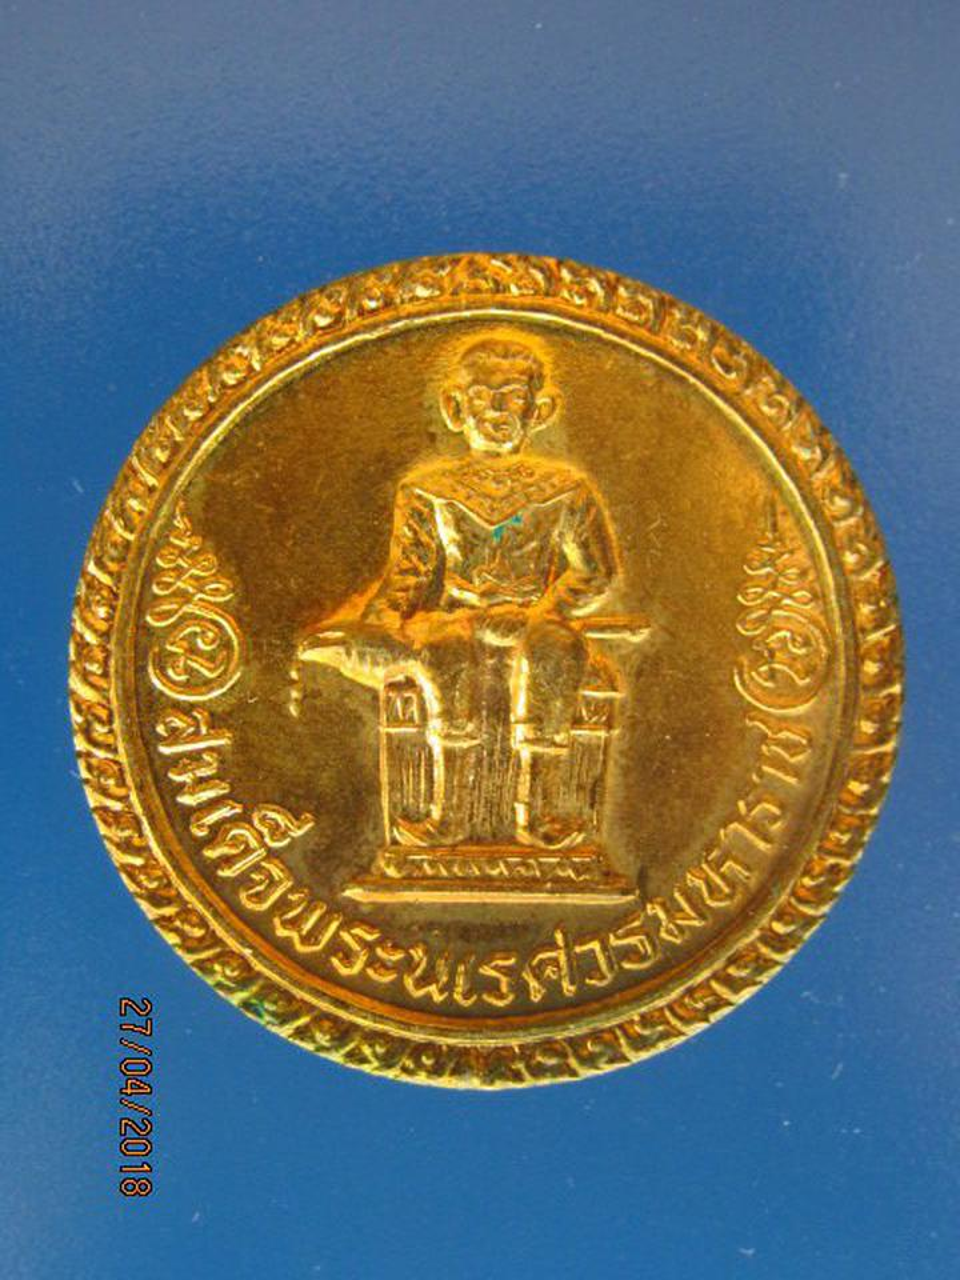 5230 เหรียญสมเด็จพระนเรศวรมหาราช วัดผ่านศึกอนุกูล ปี 2538 อ. รูปที่ 2